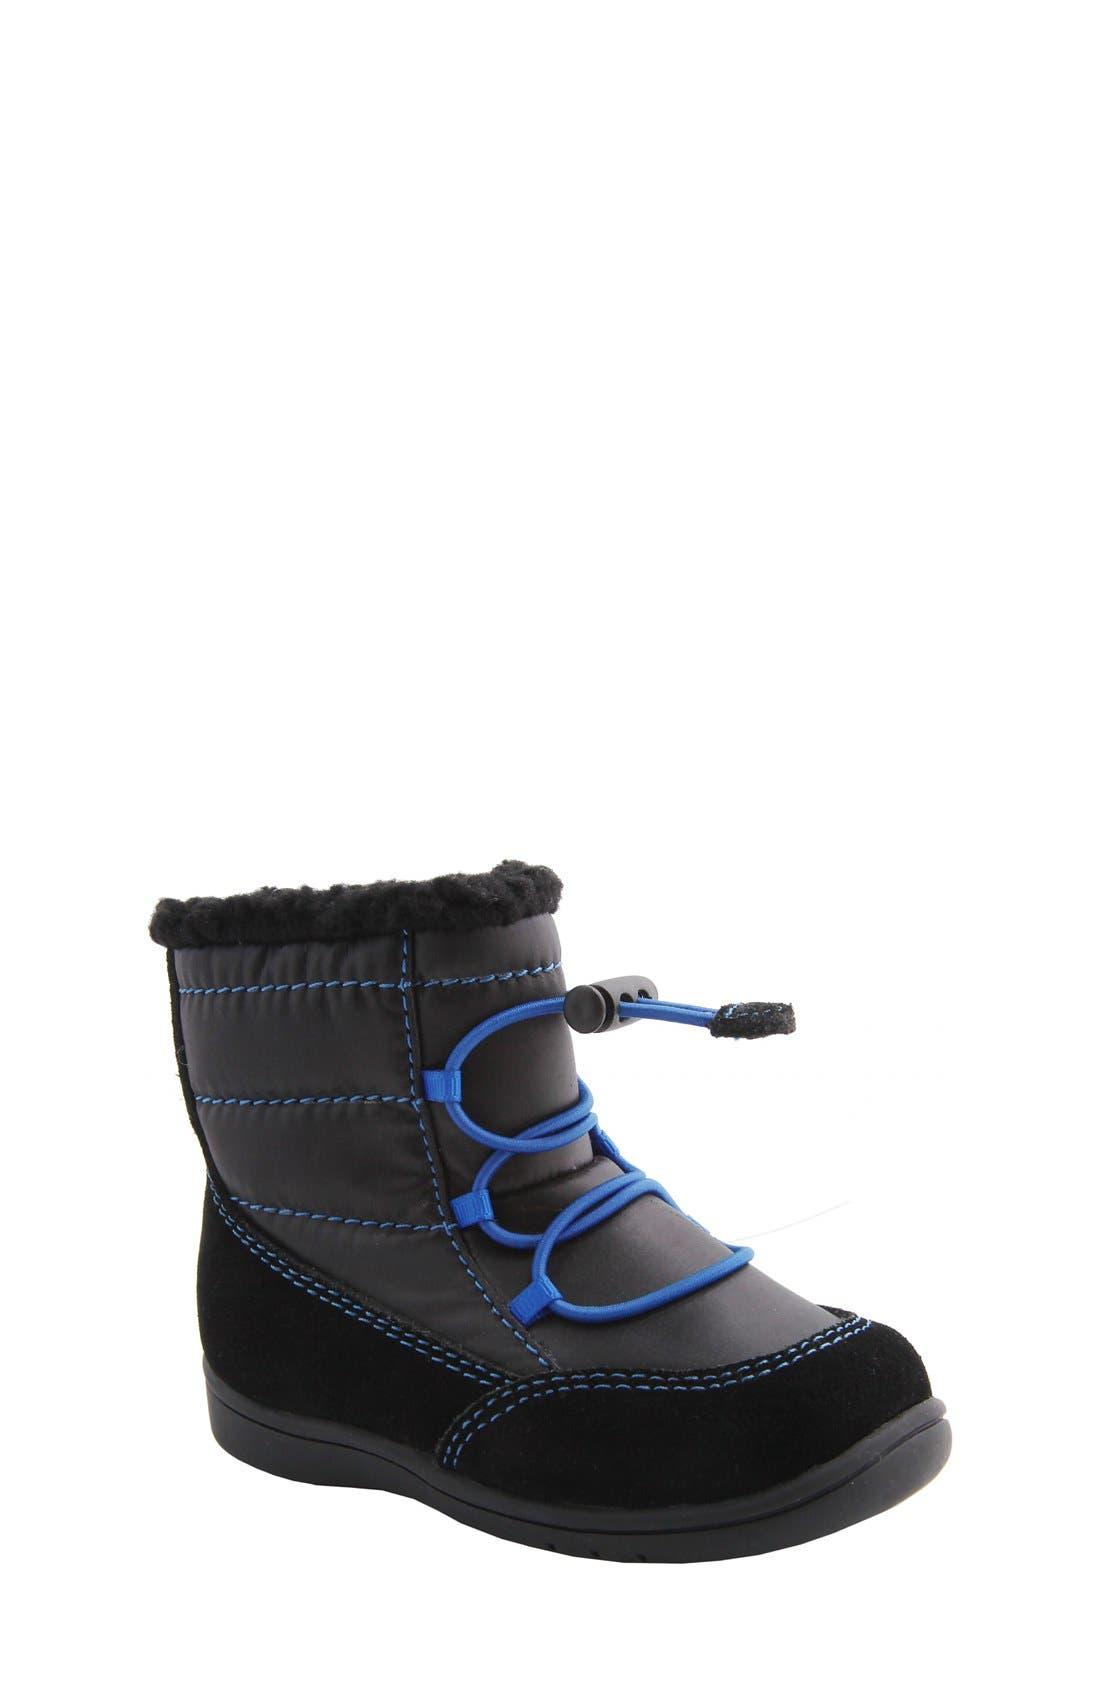 Nina 'Yolie' Lace-Up Boot,                             Main thumbnail 1, color,                             Black